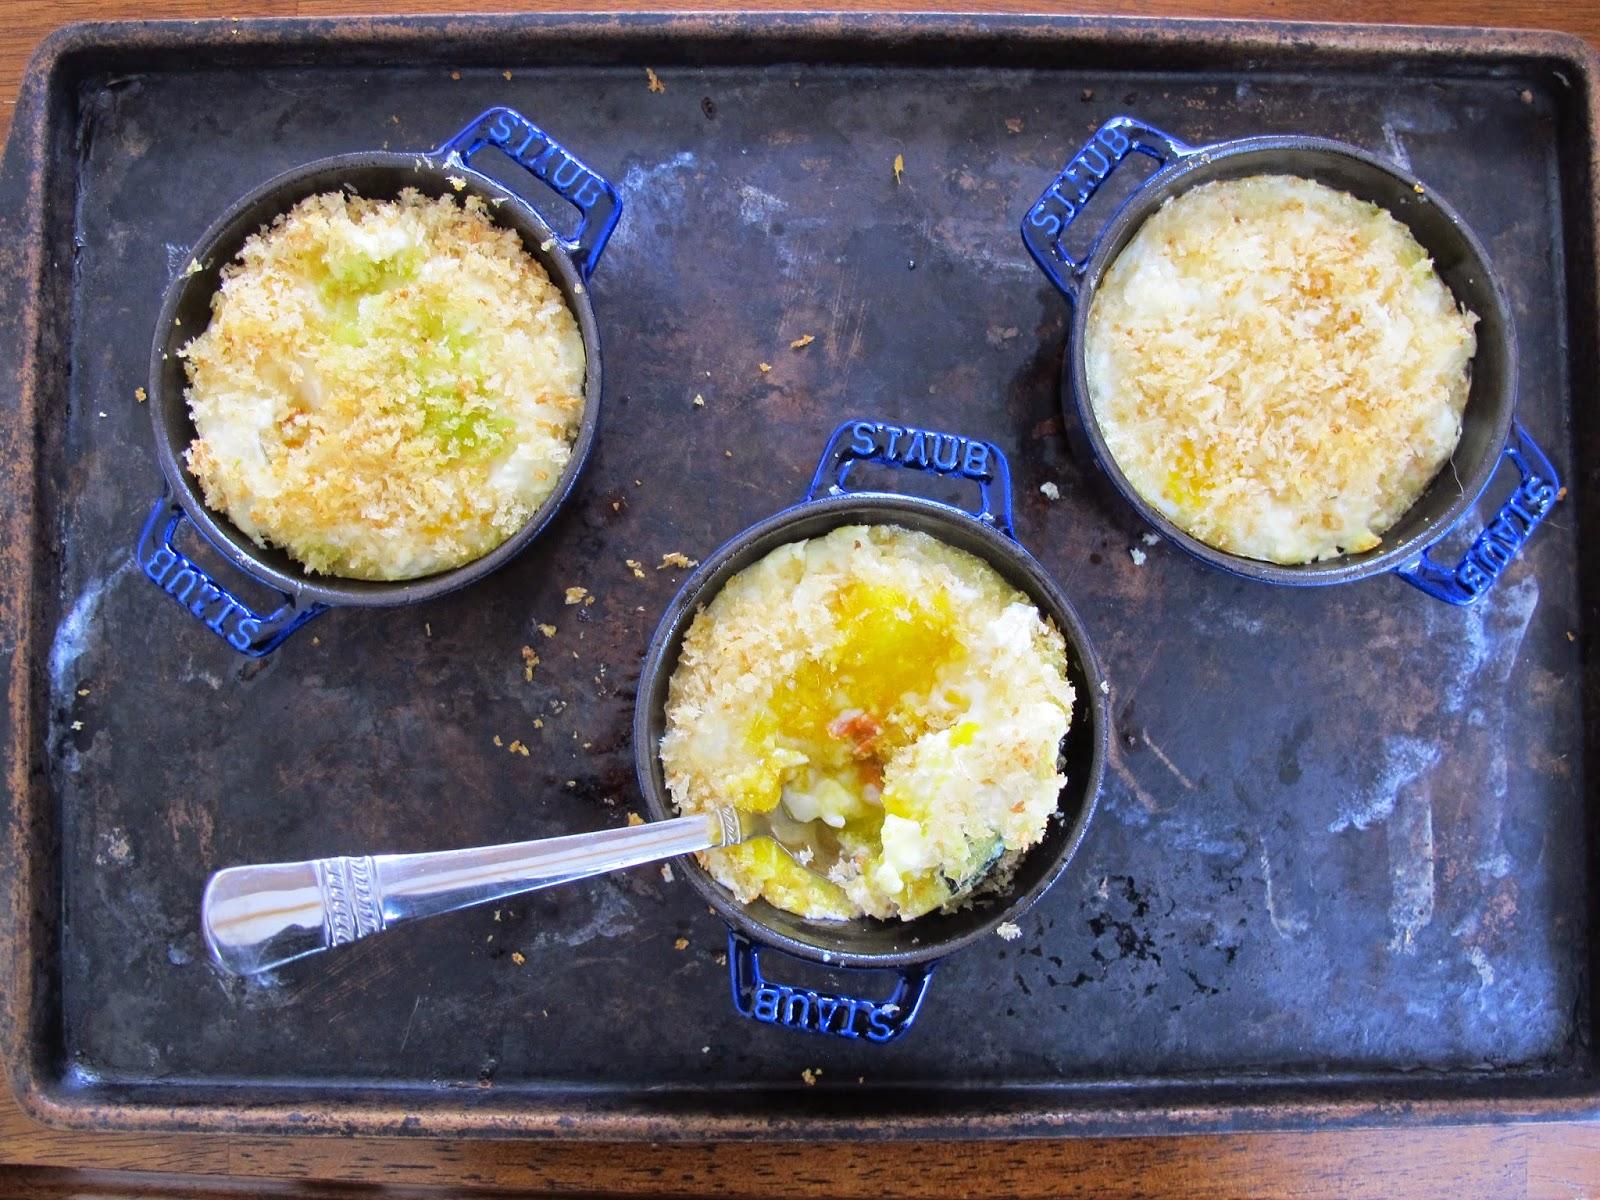 My Paris Kitchen Baked Eggs, Smoked Salmon, Kale